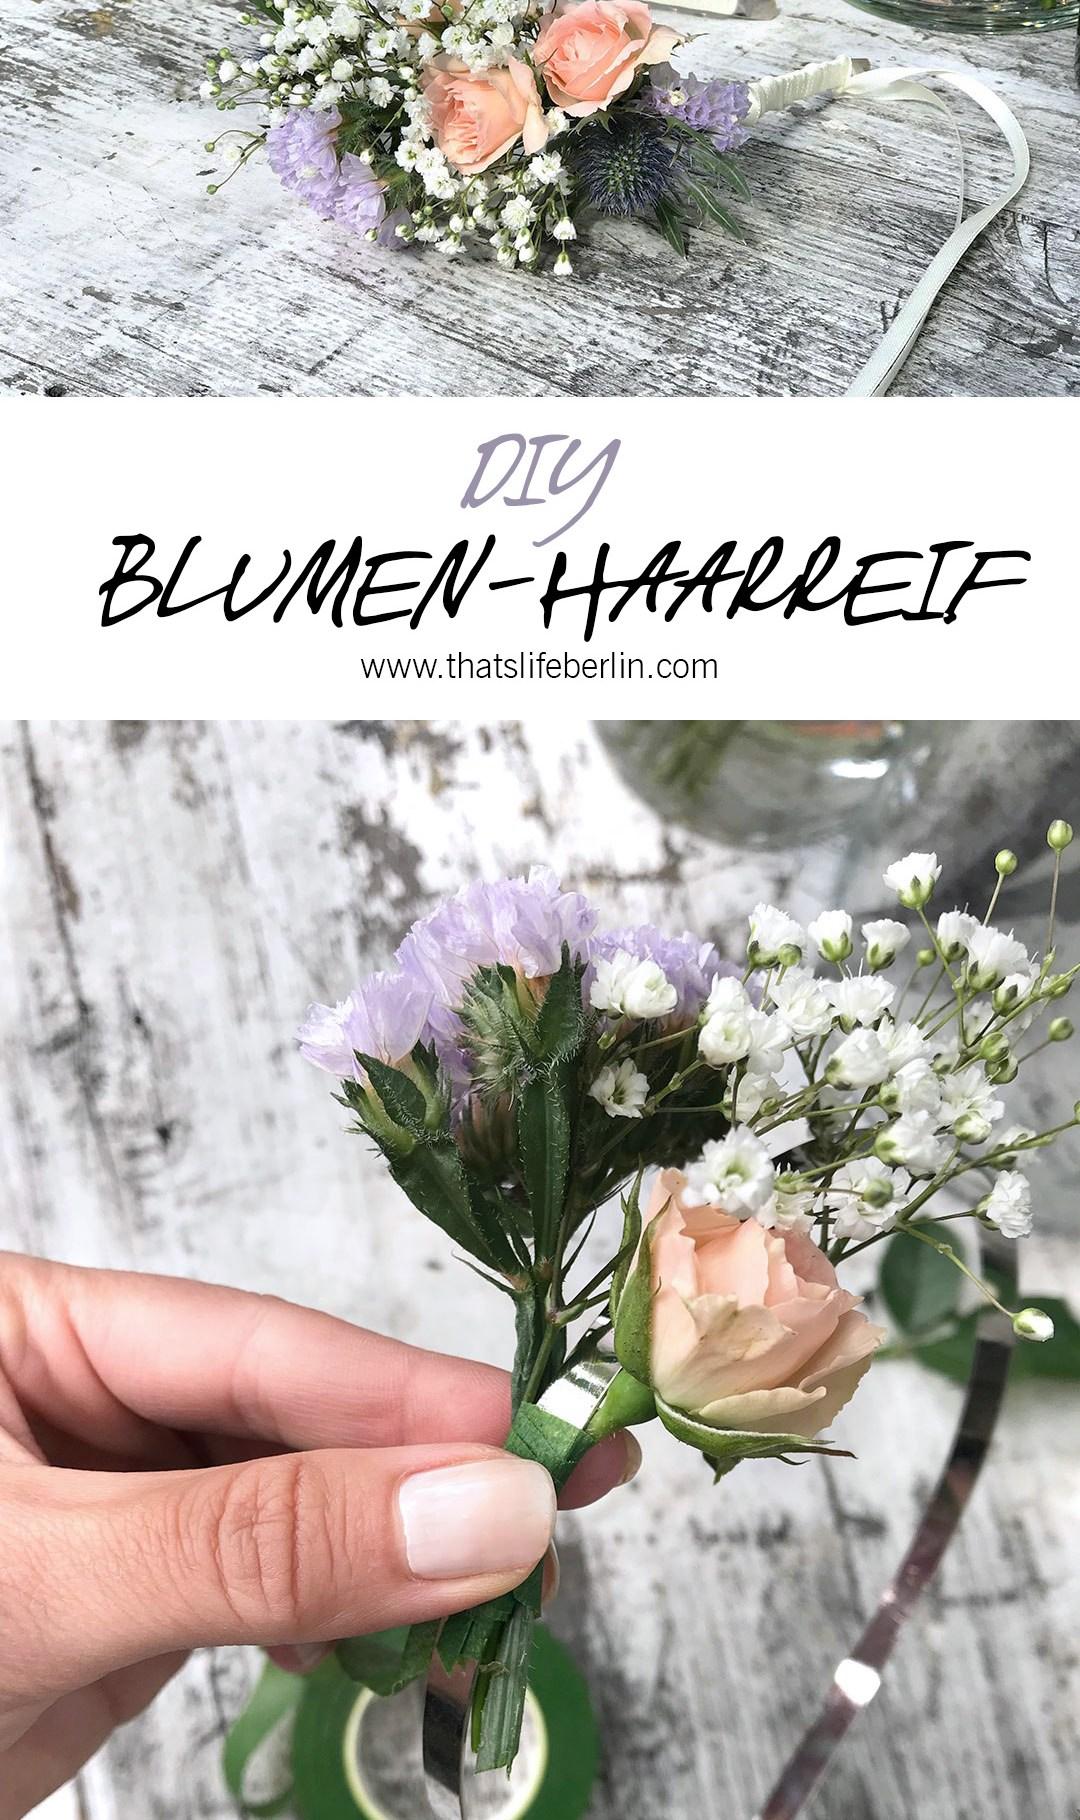 Blumenhaarreif_DIY_thatslifeberlin